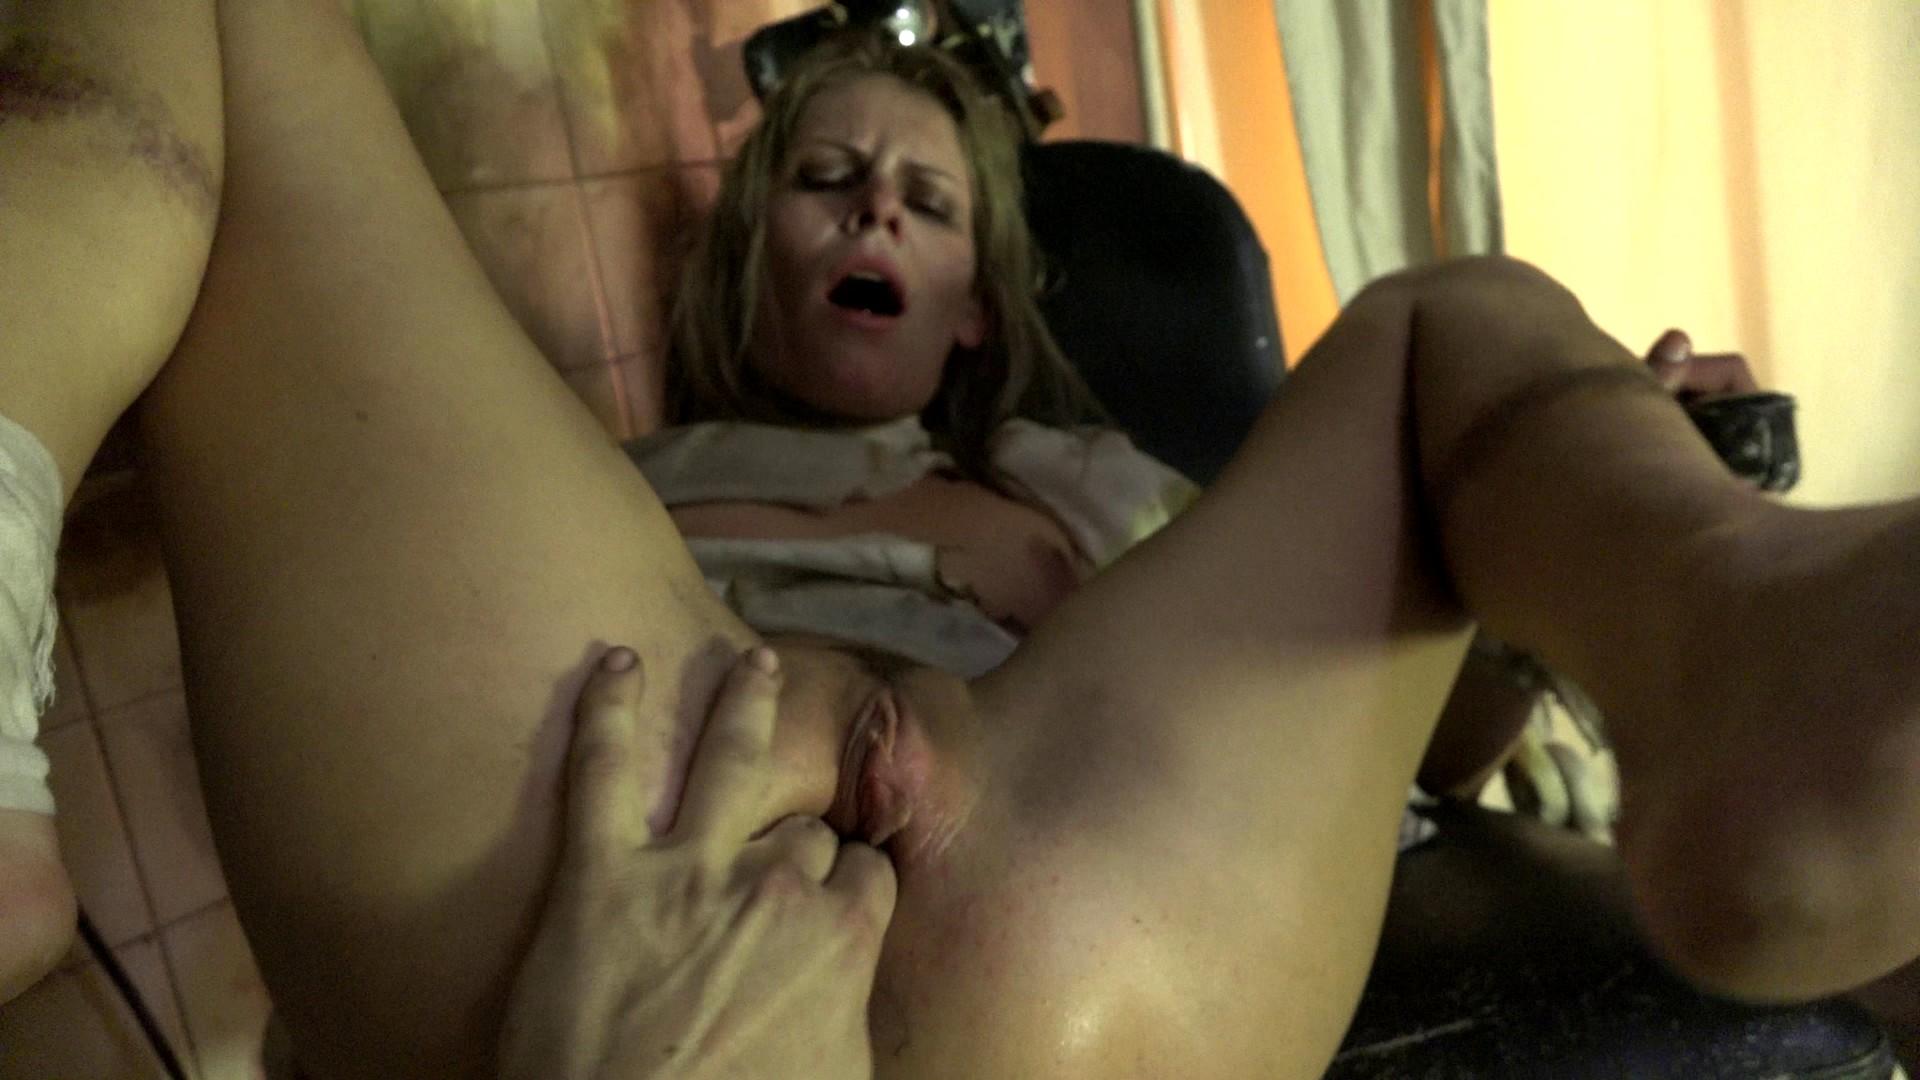 Twisted sex movie post, xxx gateway